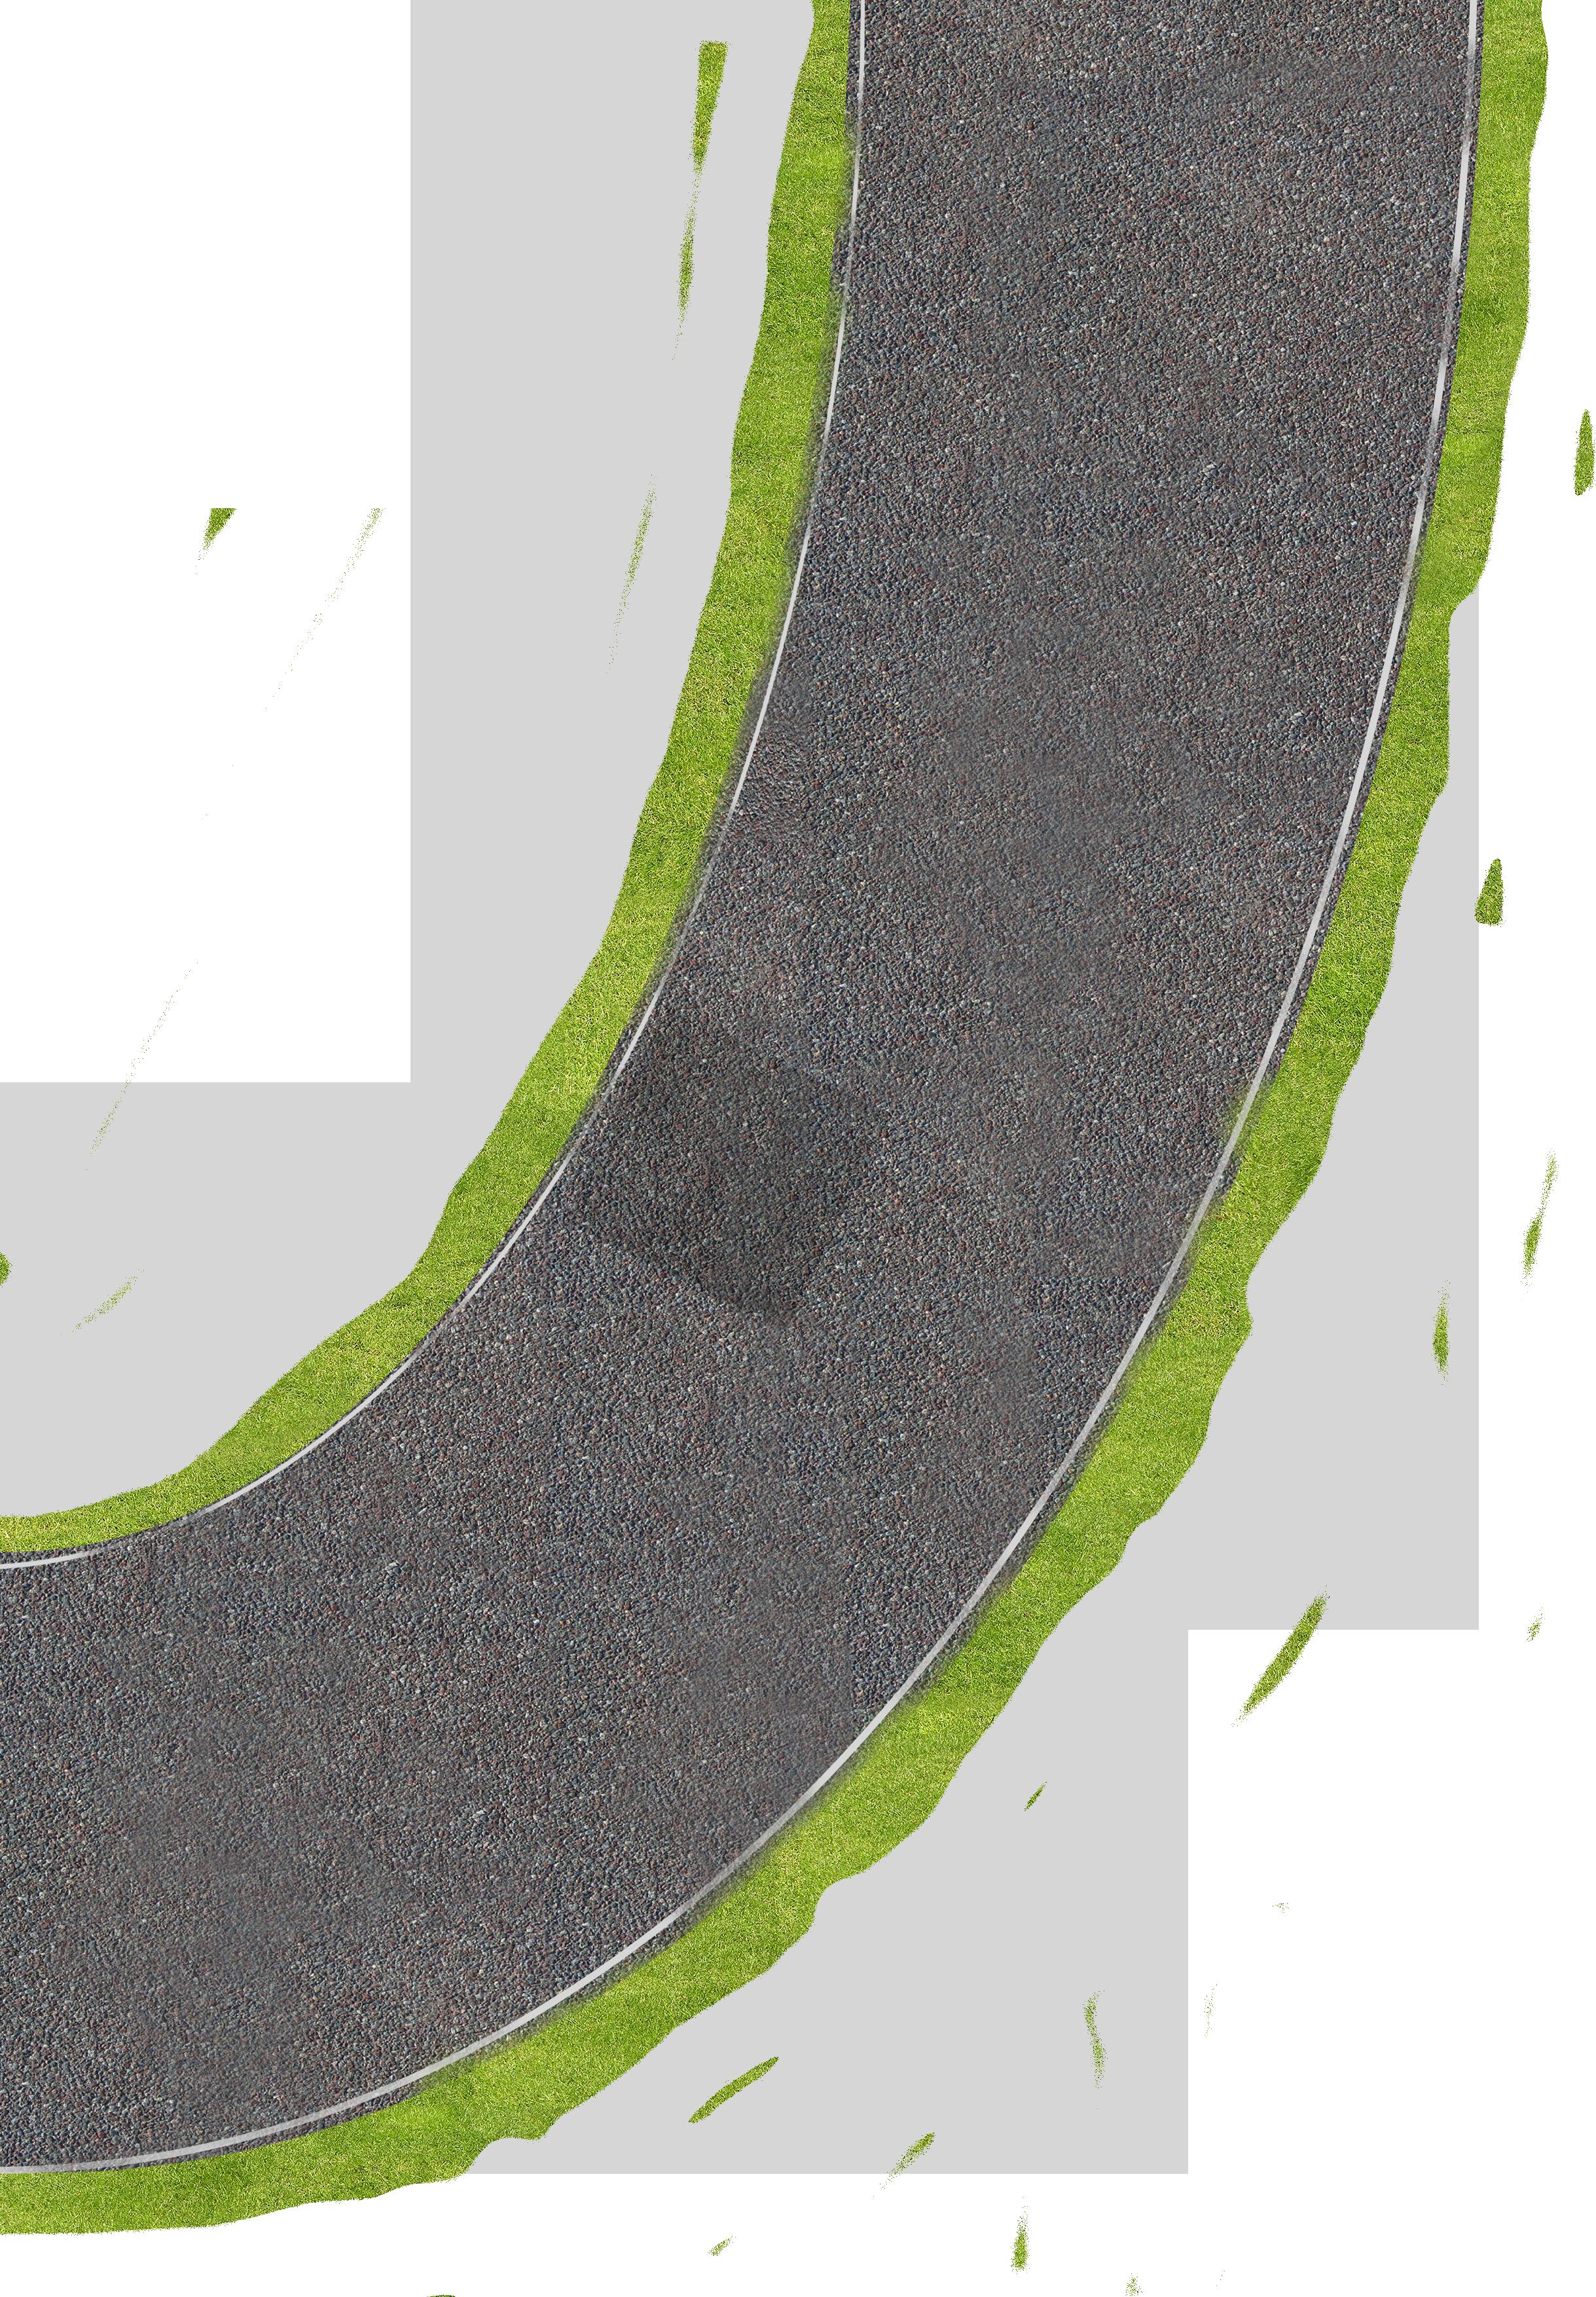 Straße-Kurve-gezogen.png